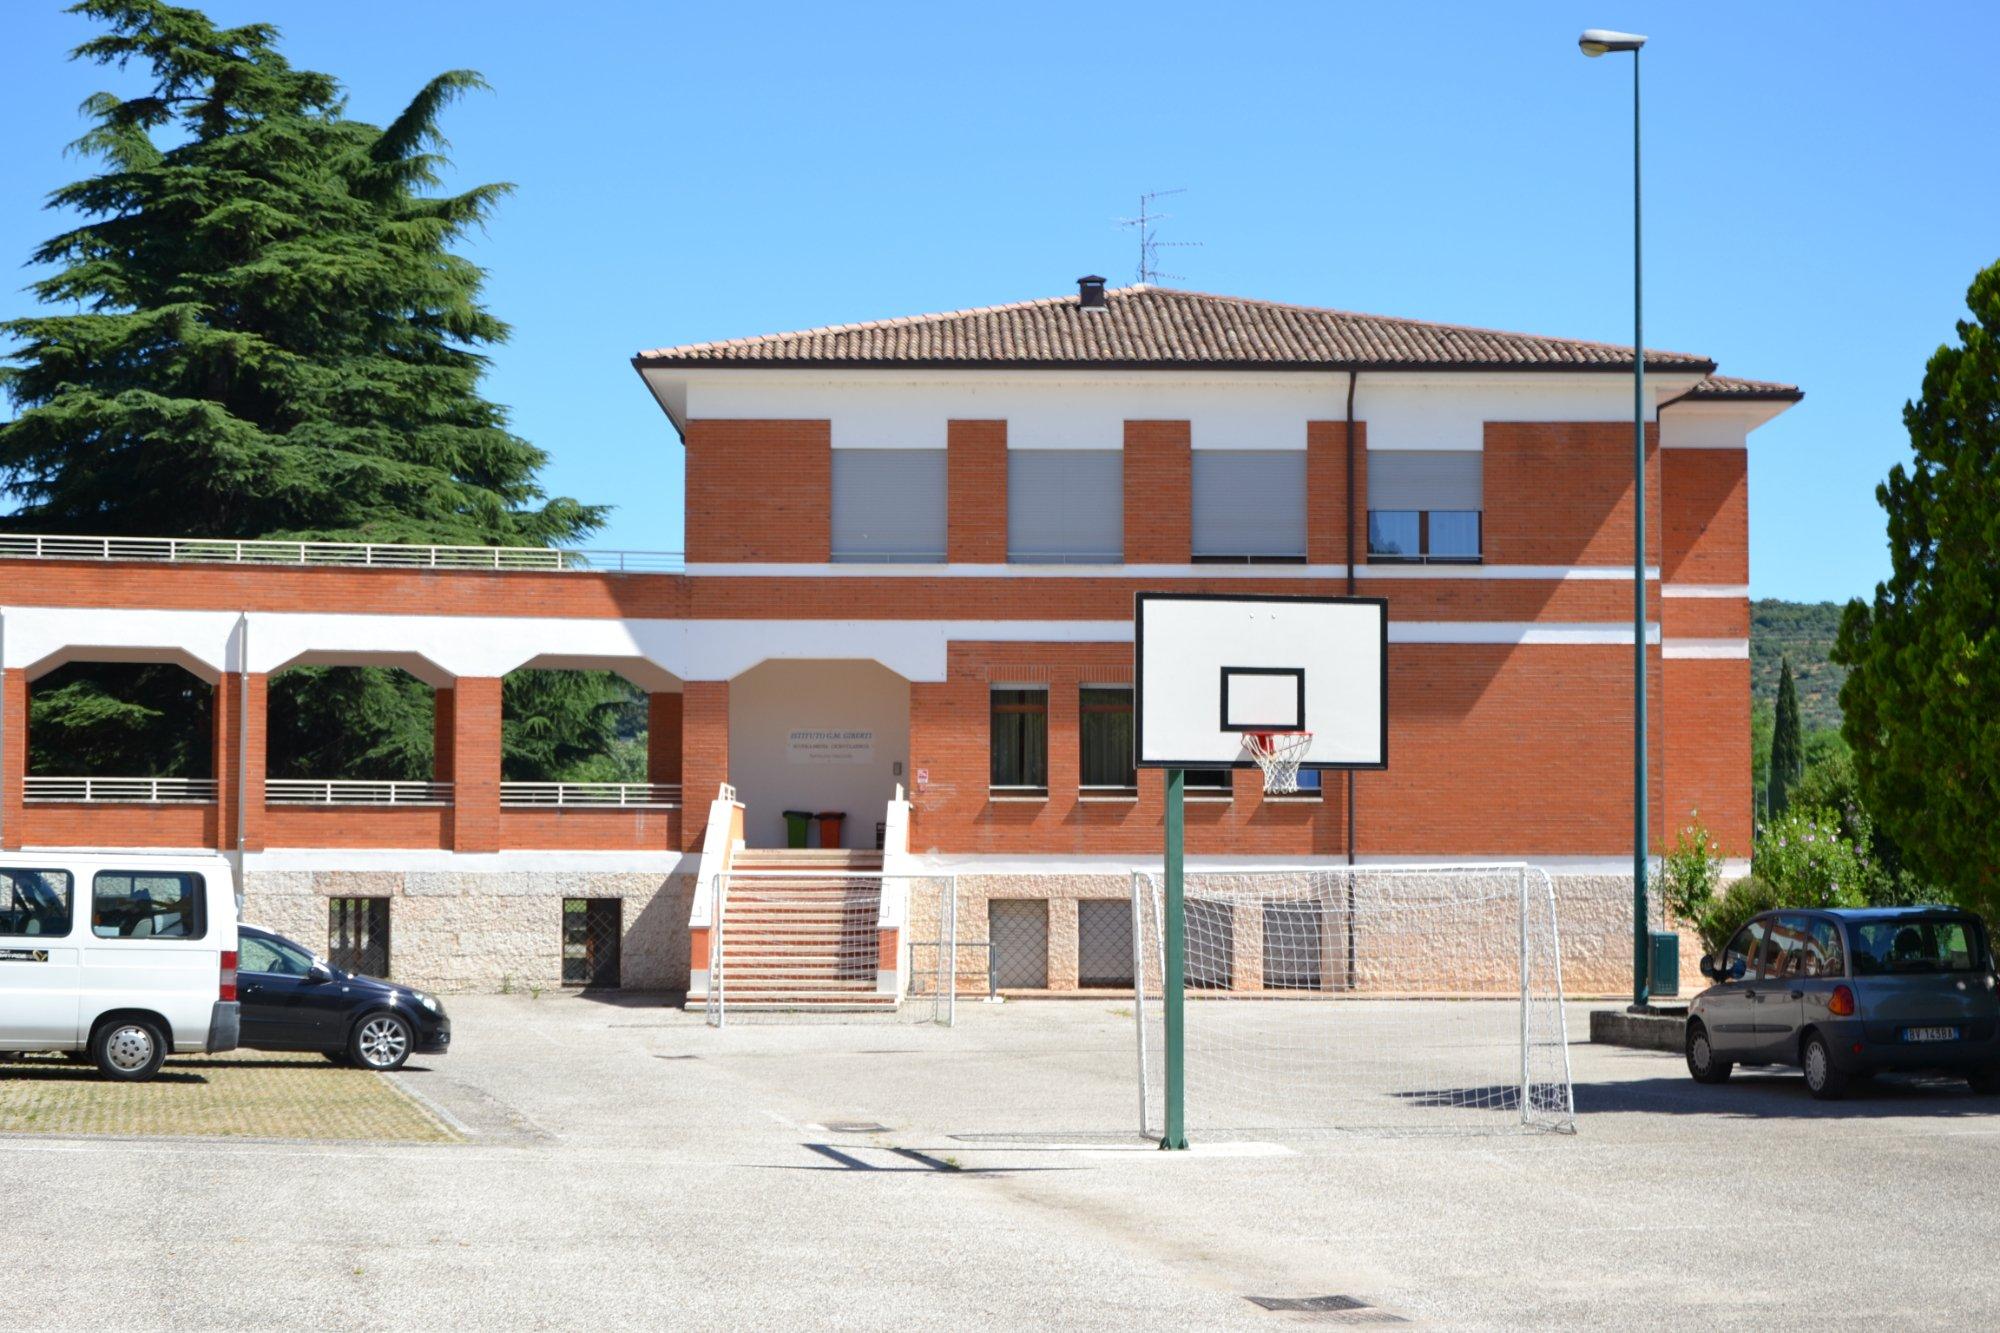 Centro Carraro